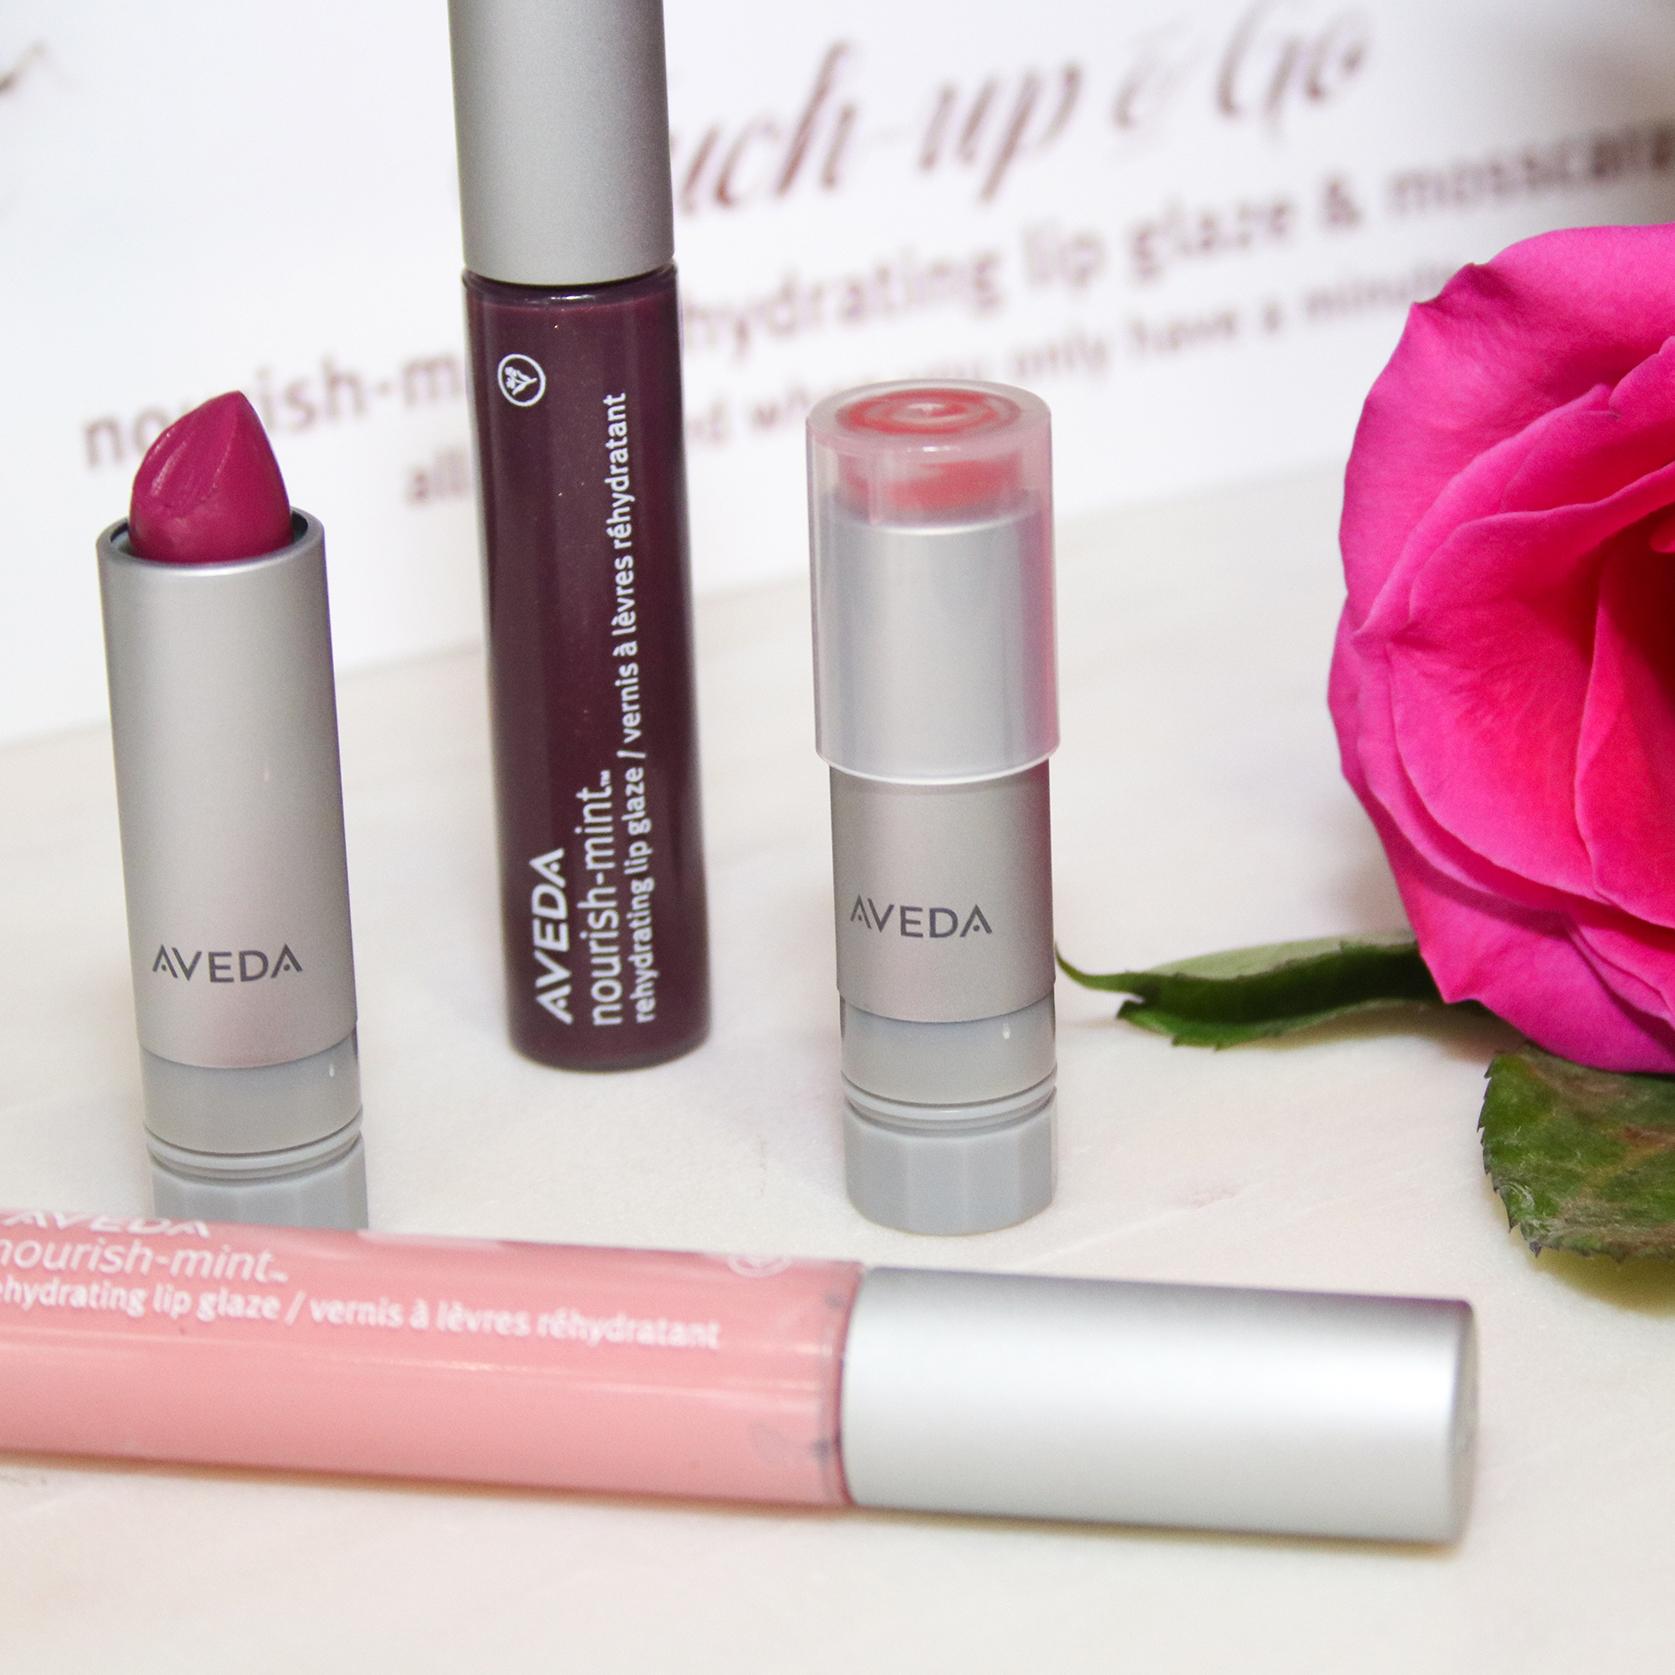 Aveda lipstick-squarejpg